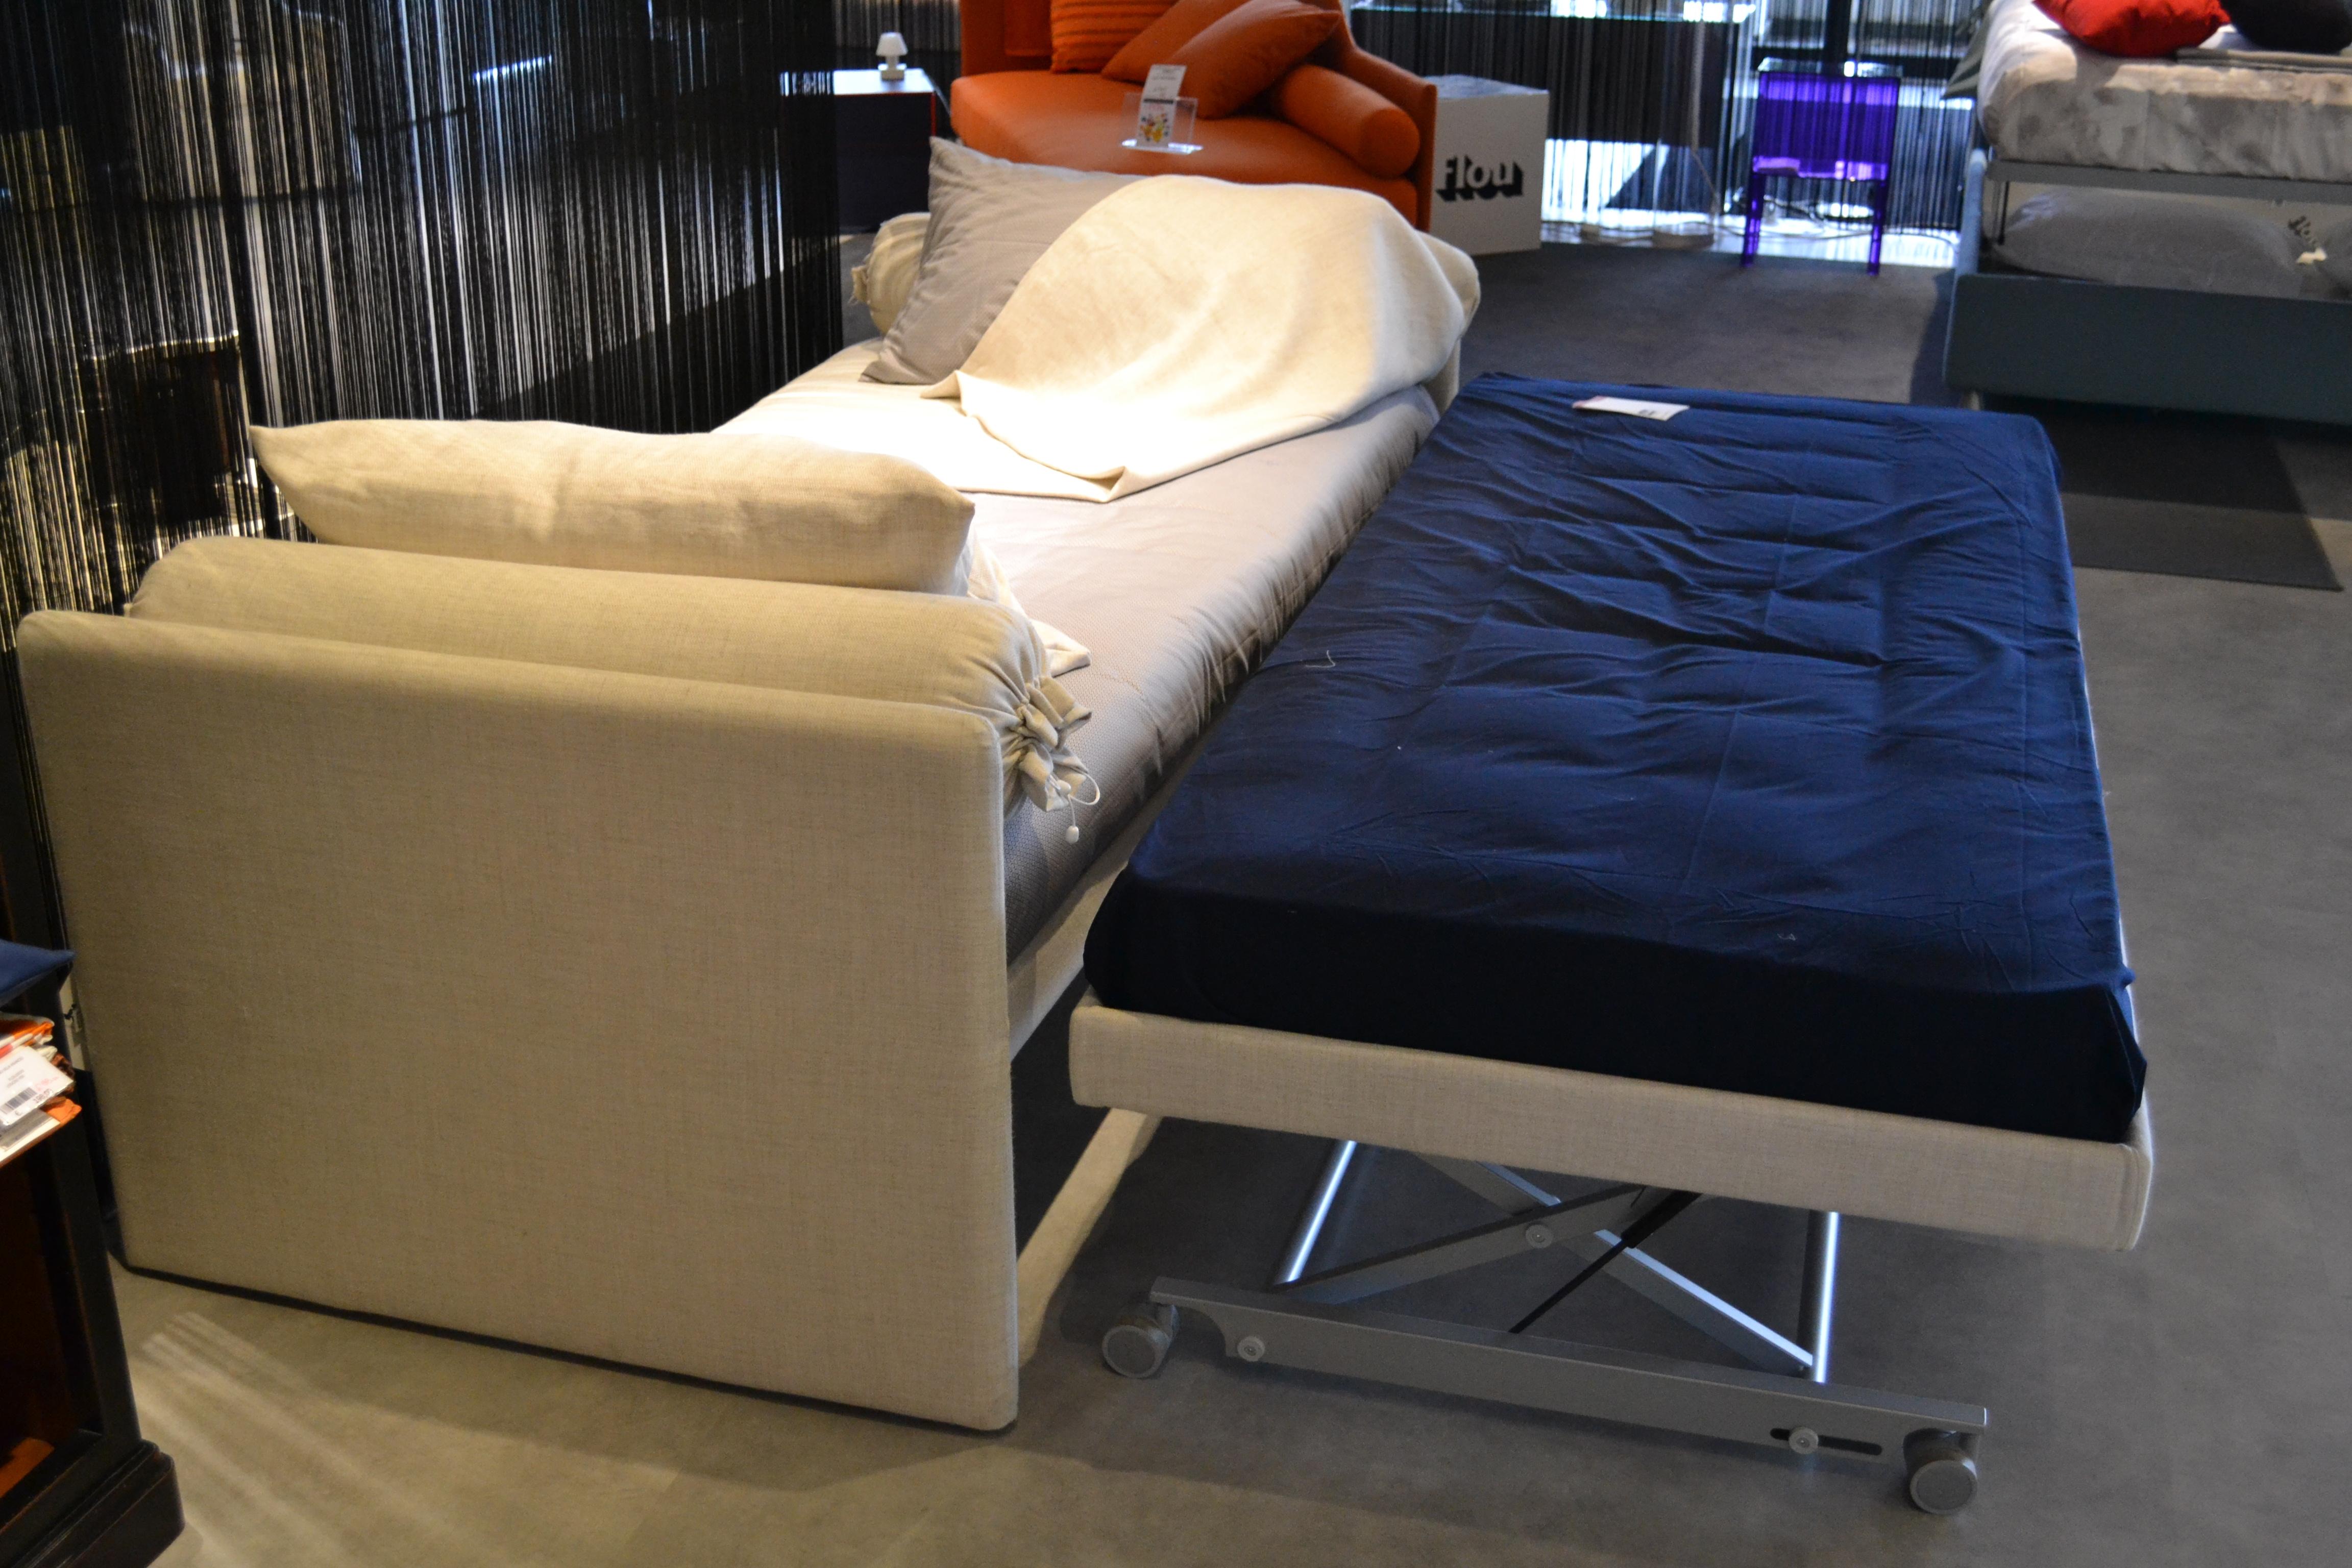 Awesome letto flou prezzi ideas for Flou outlet